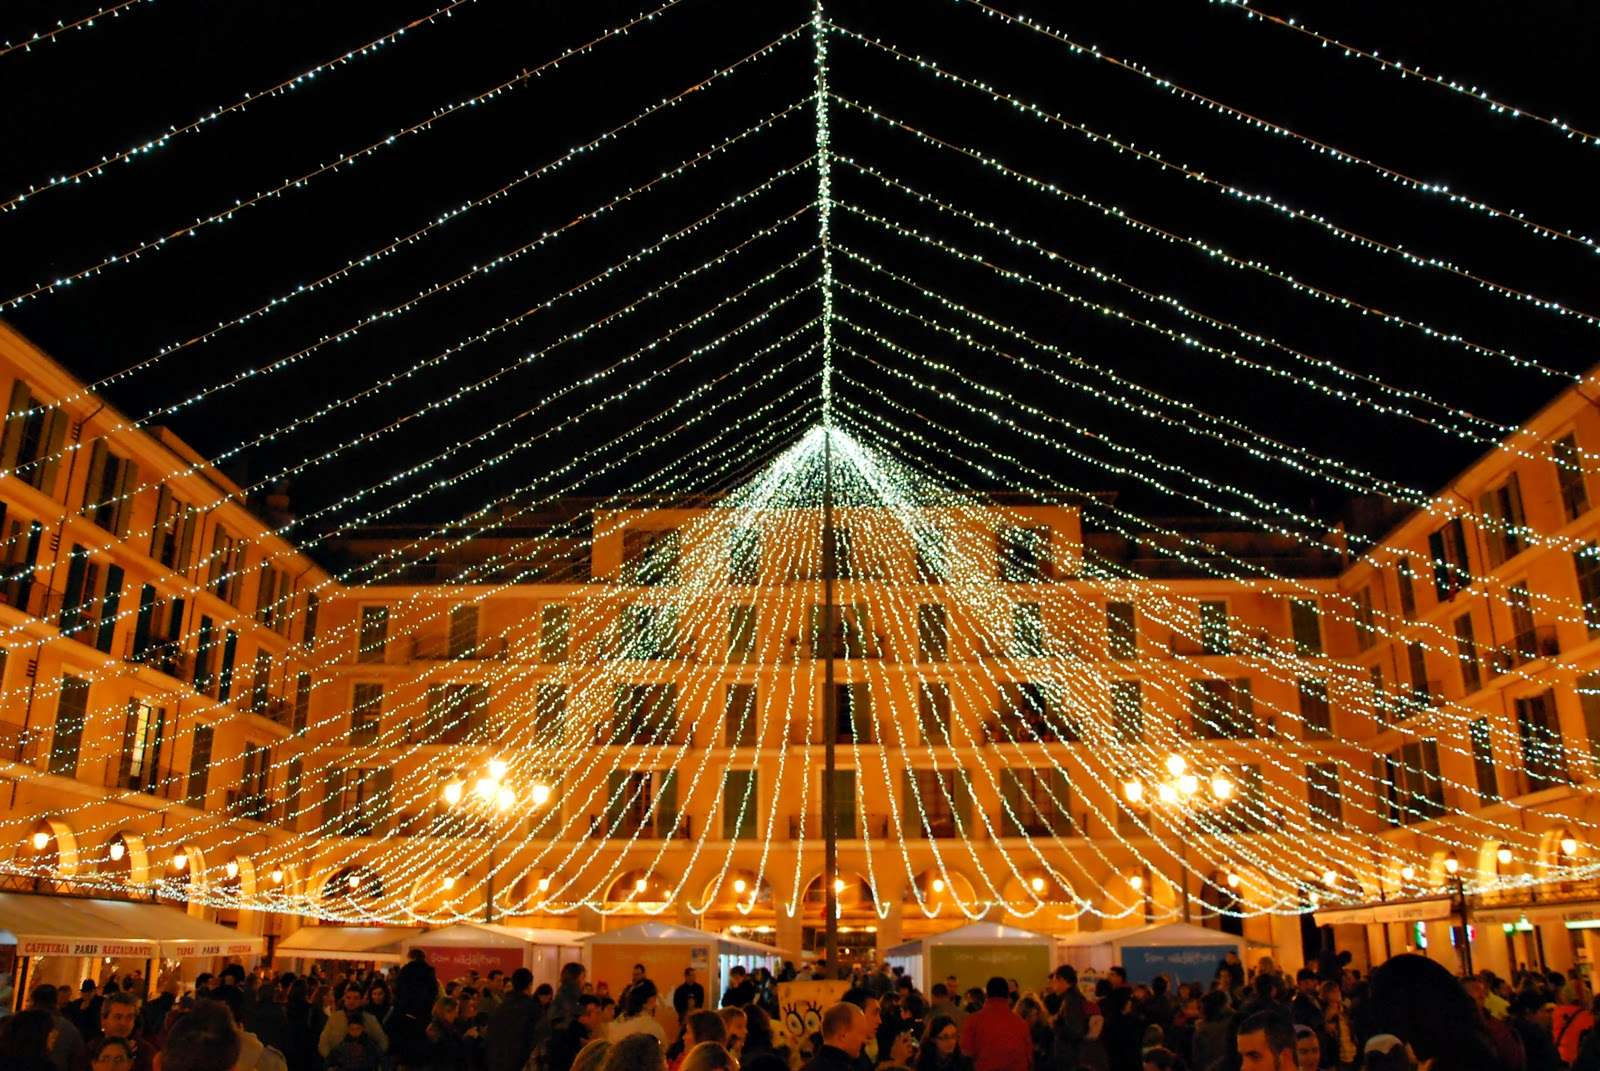 Iluminación navideña Palma de Mallorca